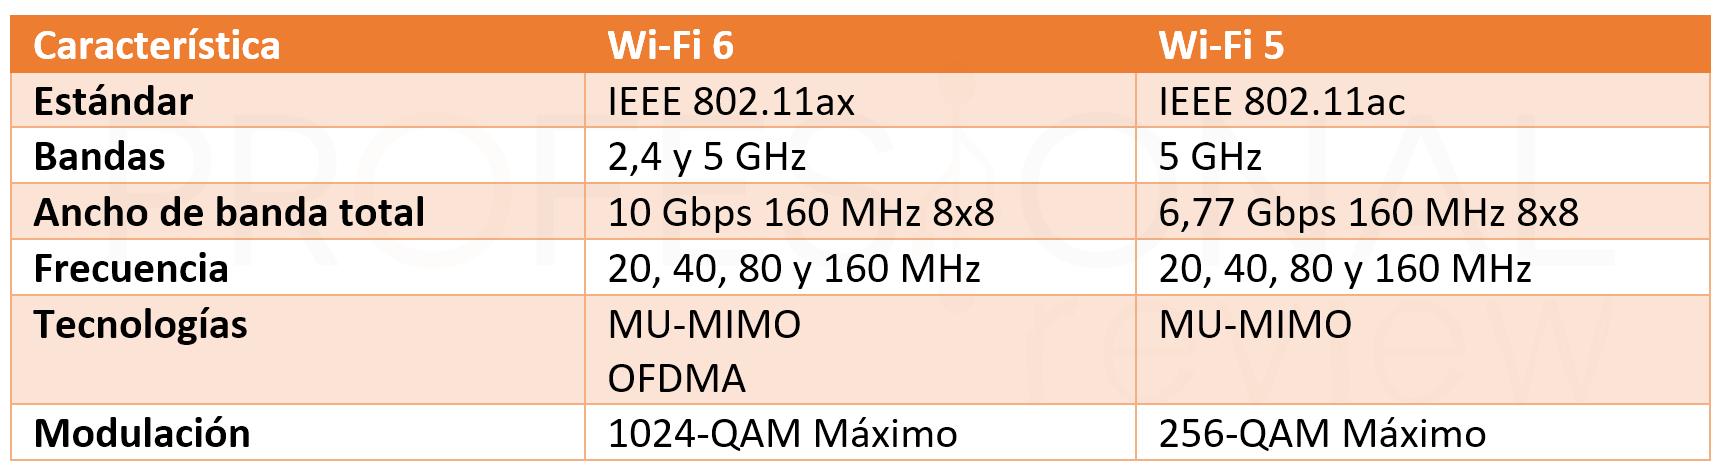 WiFi 6 comparativa